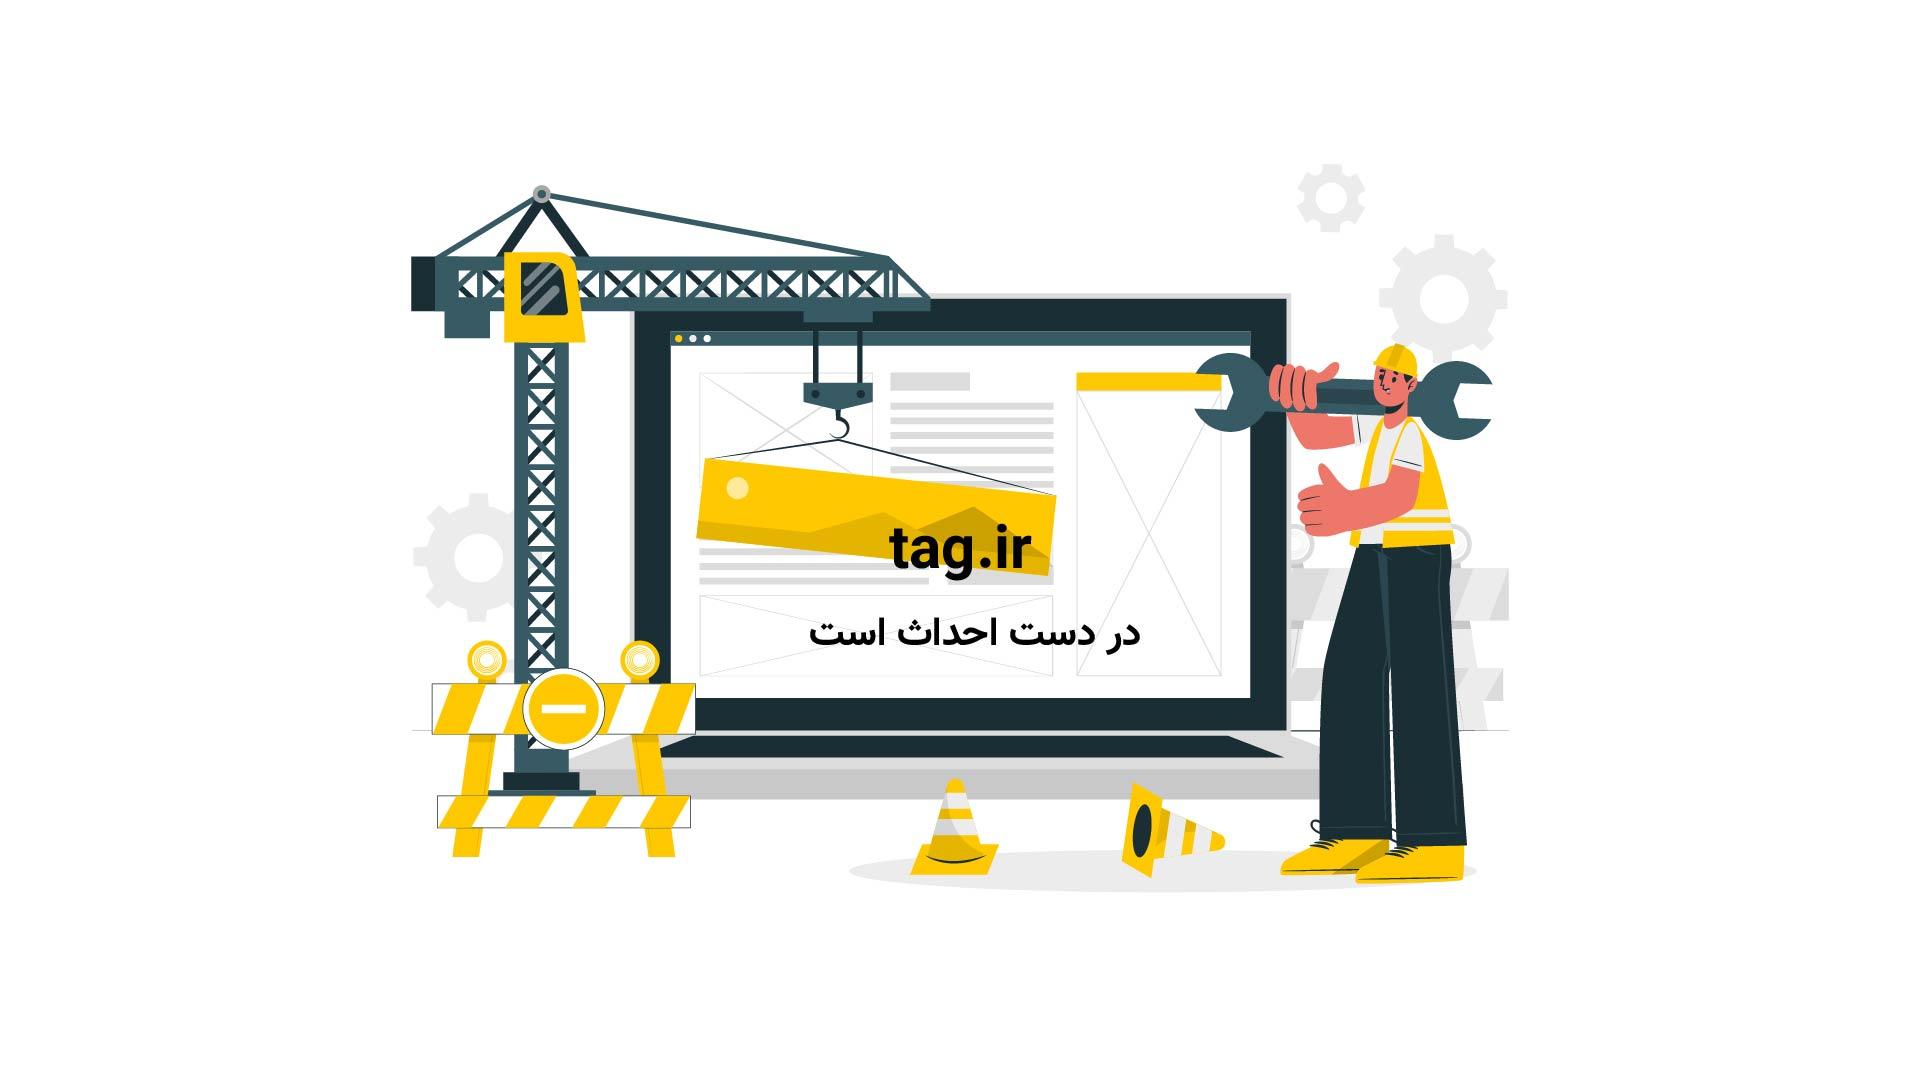 واکنش جالب گربه به هزارپای پلاستیکی  | فیلم